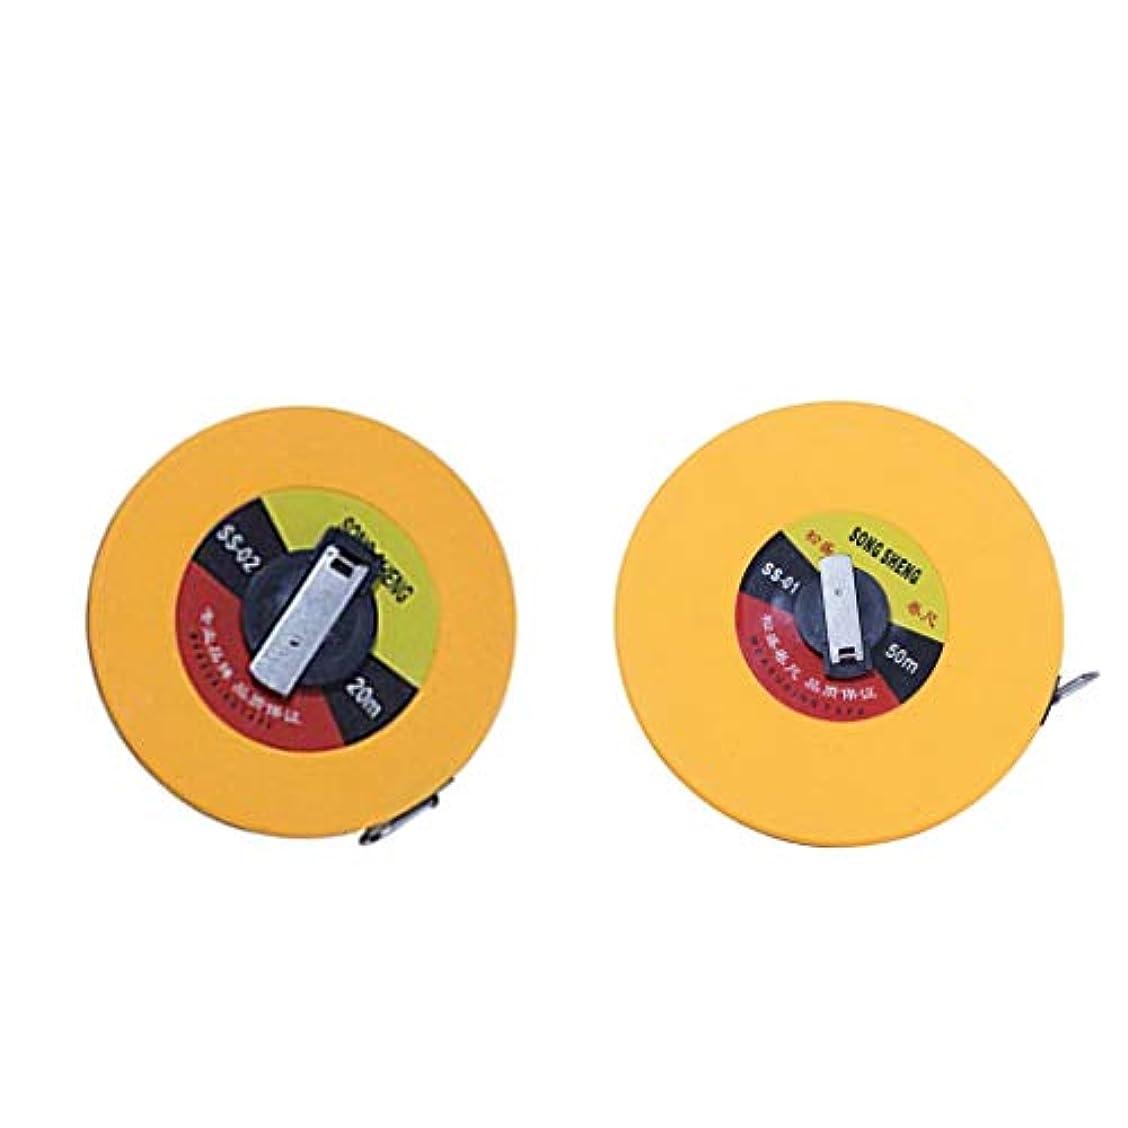 波観光に行く甥定規テープ 巻き尺 巻尺 自動巻取式 裁縫用 手芸用 洋裁用 測定用 採寸用 定規 2個セット